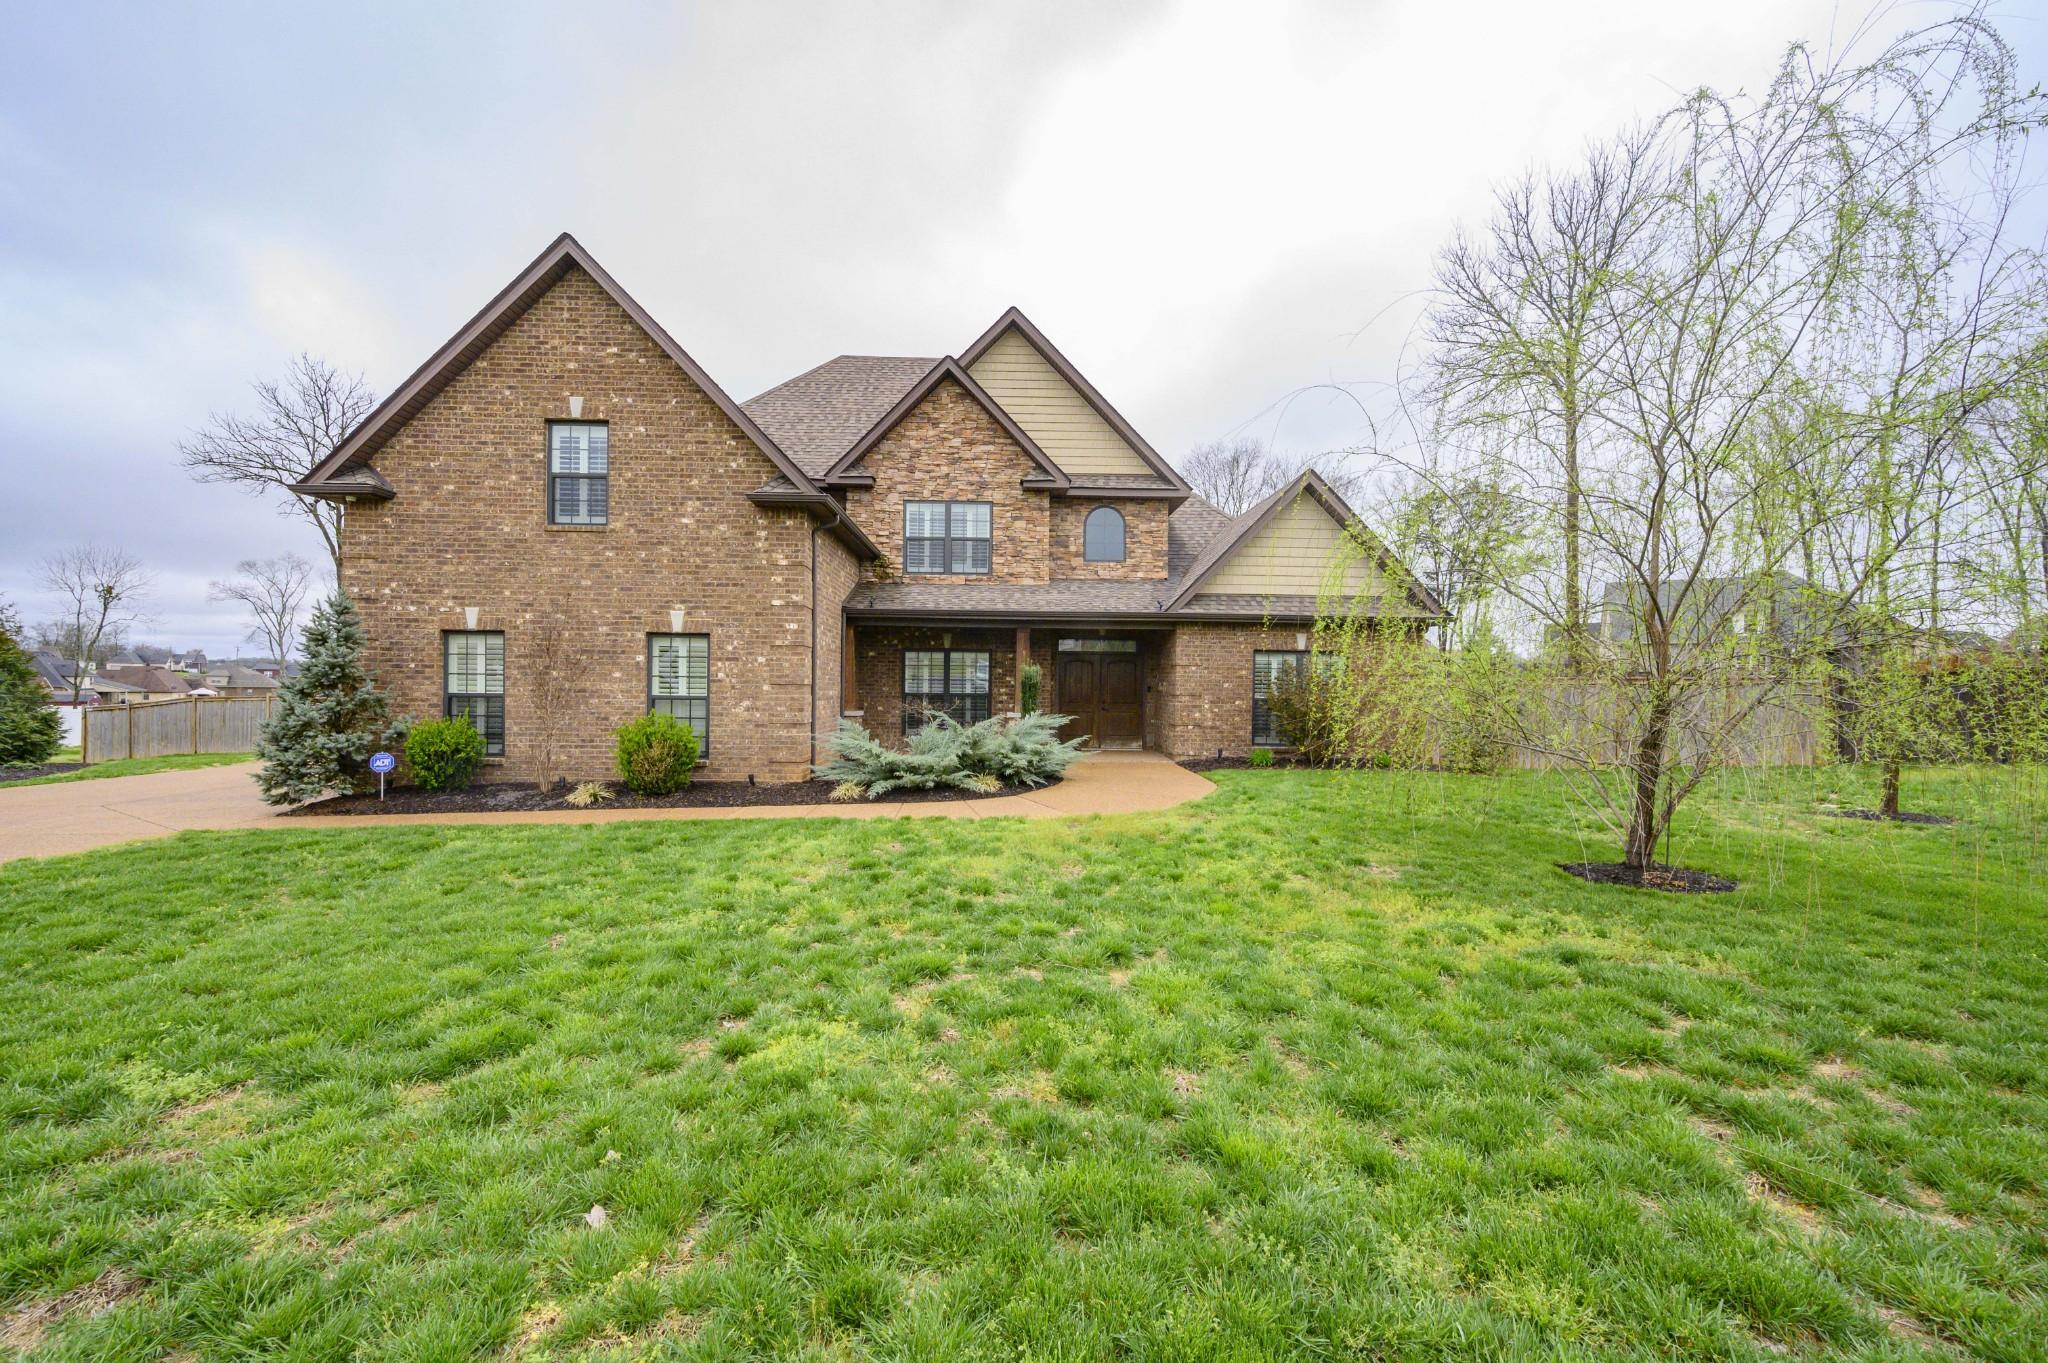 1028 Delta Arthur Dr, Murfreesboro, TN 37129 - Murfreesboro, TN real estate listing